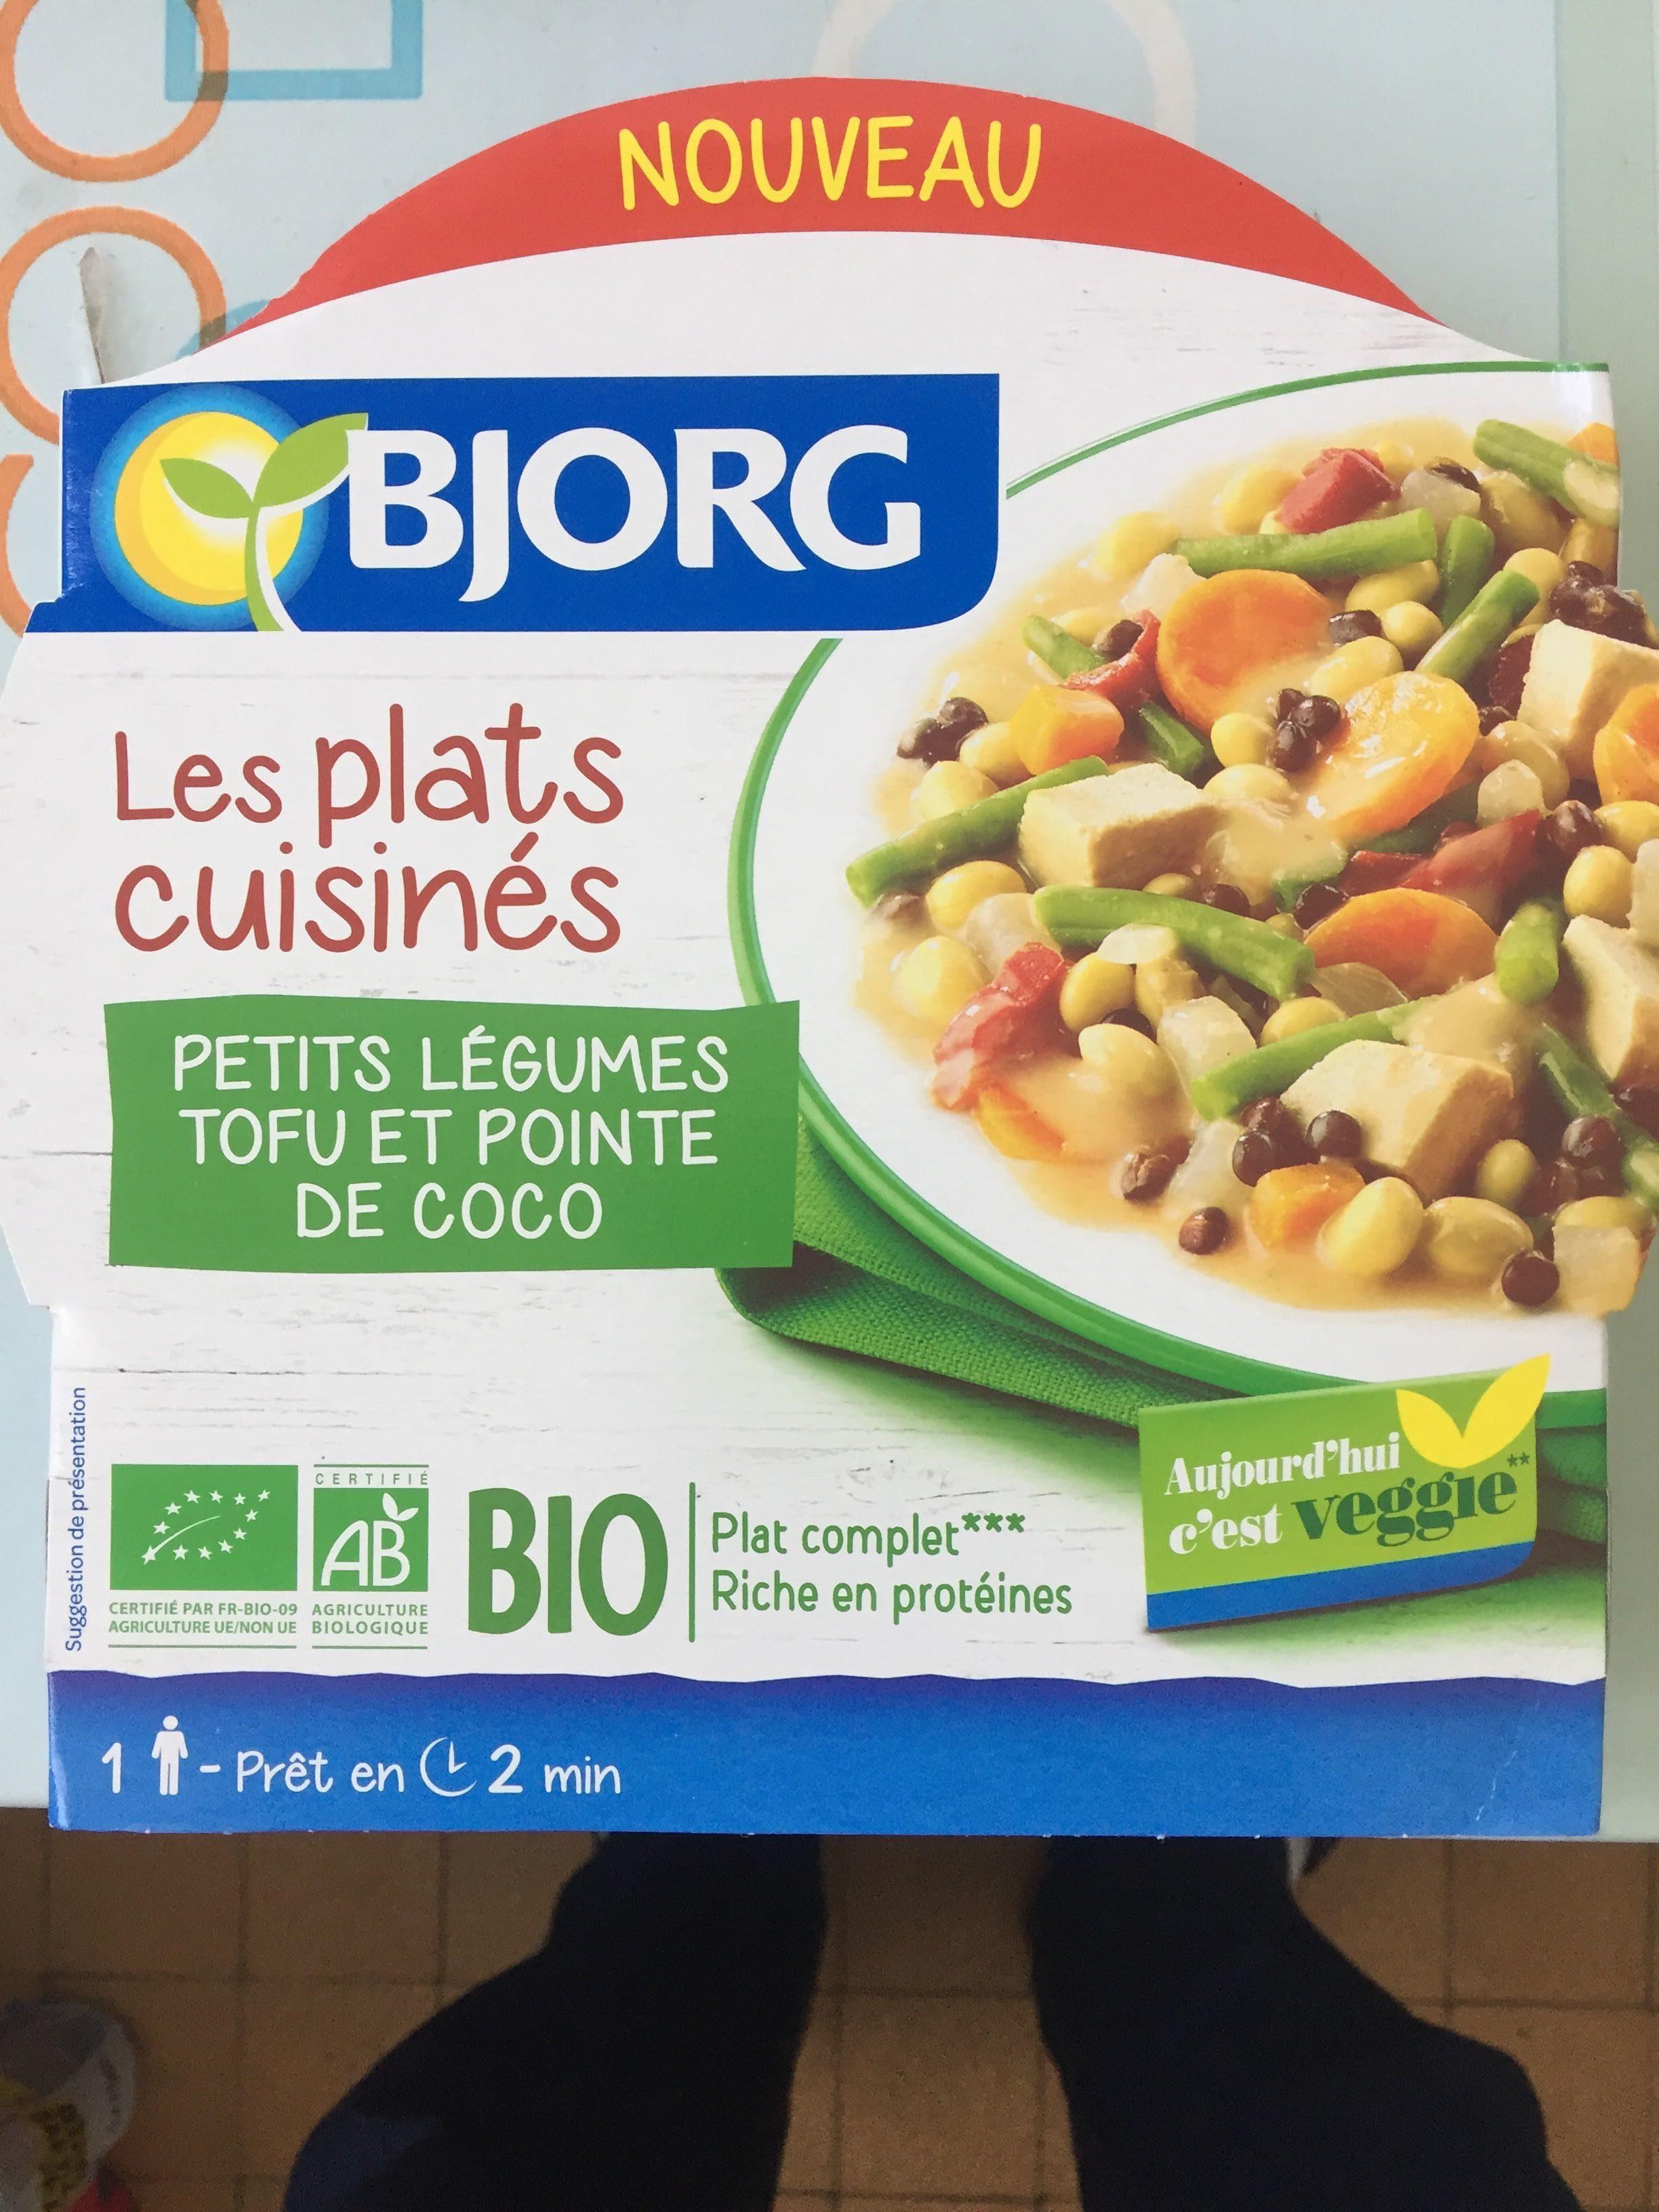 Petits légumes tofu et pointe de coco - Produit